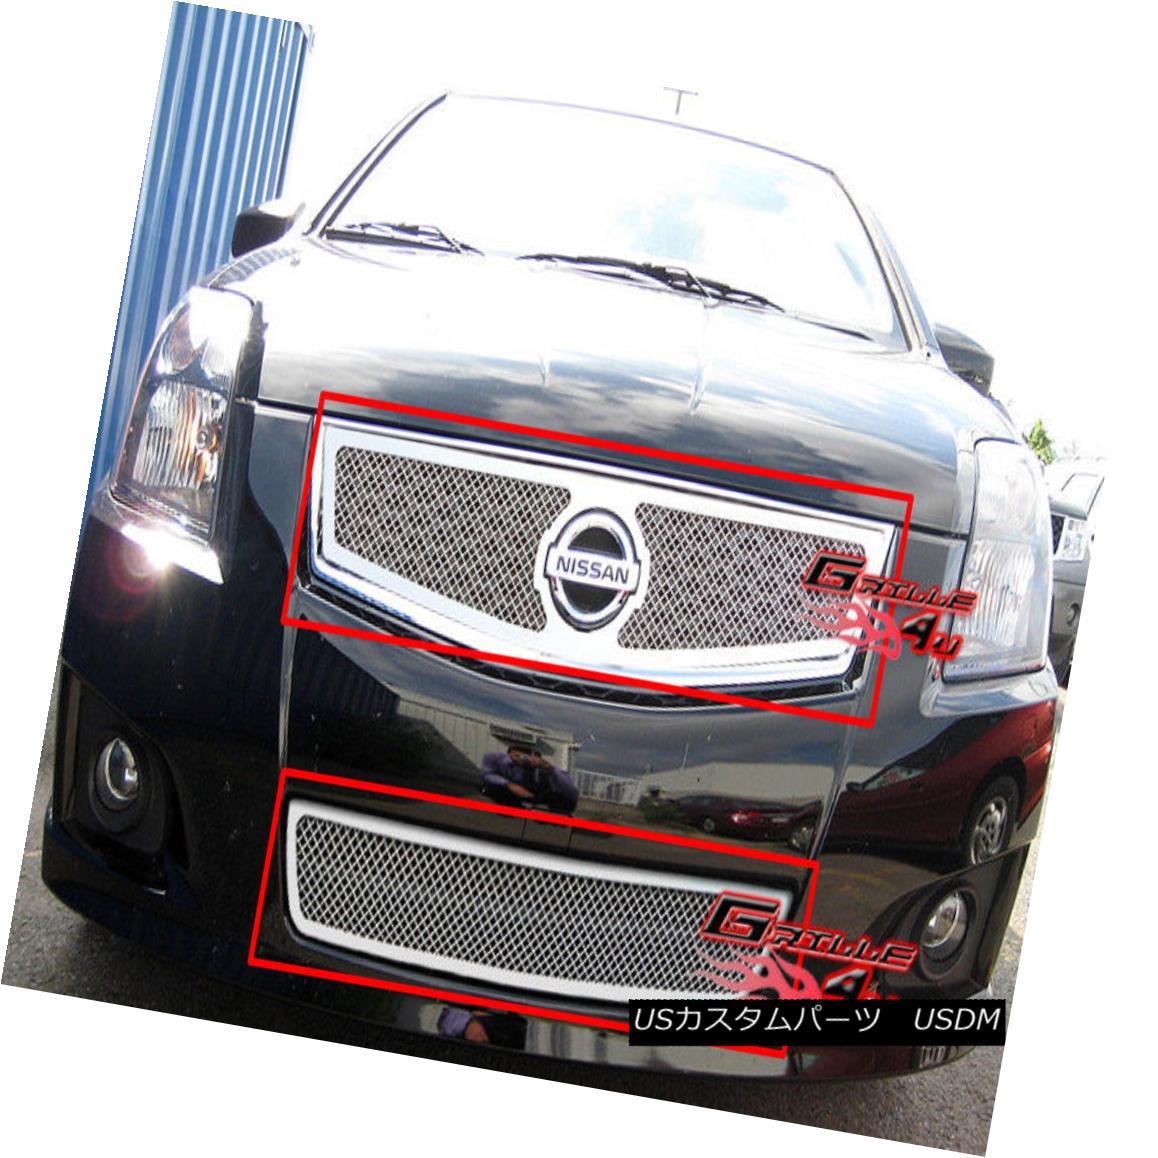 グリル Fits 07-10 Nissan Sentra SE-R Stainless Mesh Grille Combo 07-10日産セントラSE-Rステンレスメッシュグリルコンボ